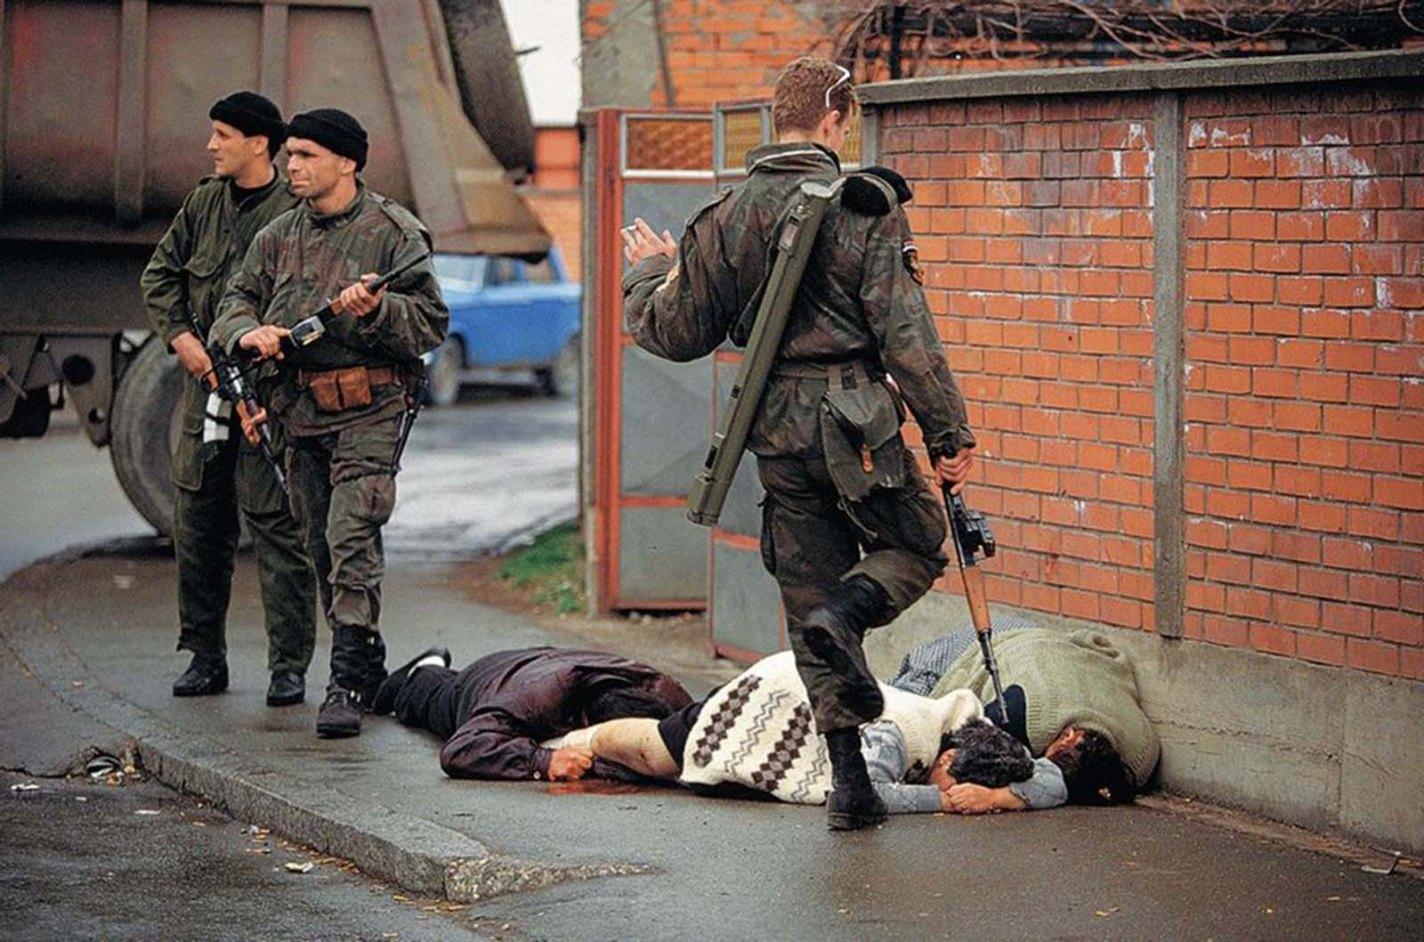 historical photos of Bosnia, Ron Haviv, 1992